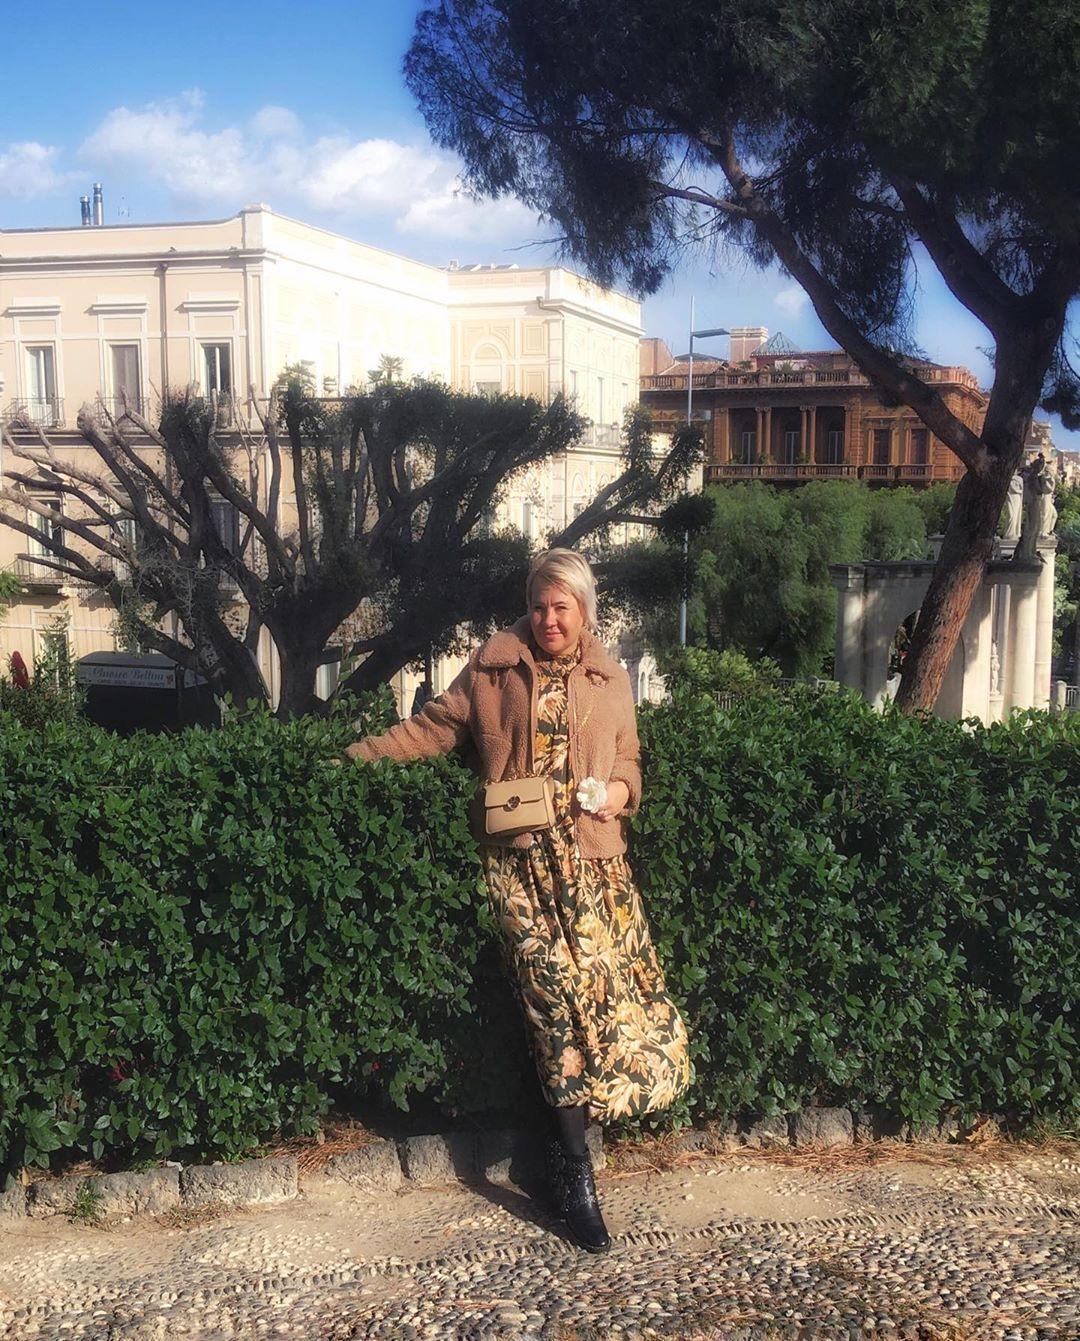 Когда в попытке выглядеть романтично содрала цветочек с клумбы 😋 #sicilia #mysicily #mysiciliangirl #italiangirl #itali...